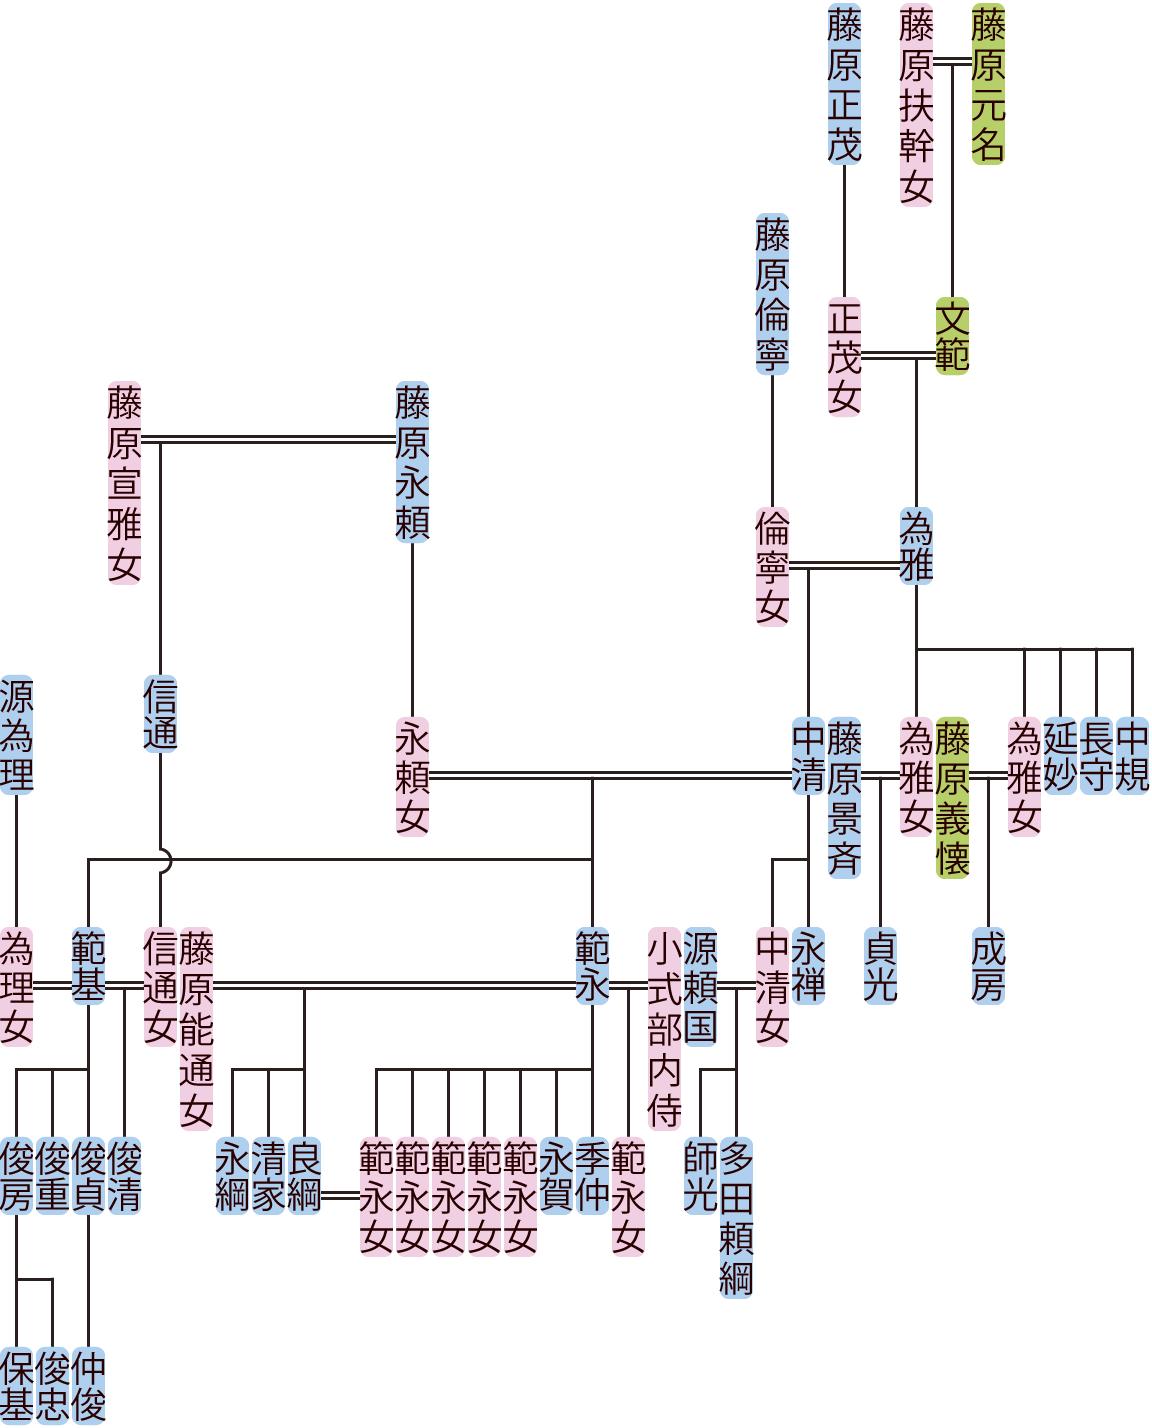 藤原為雅・中清の系図